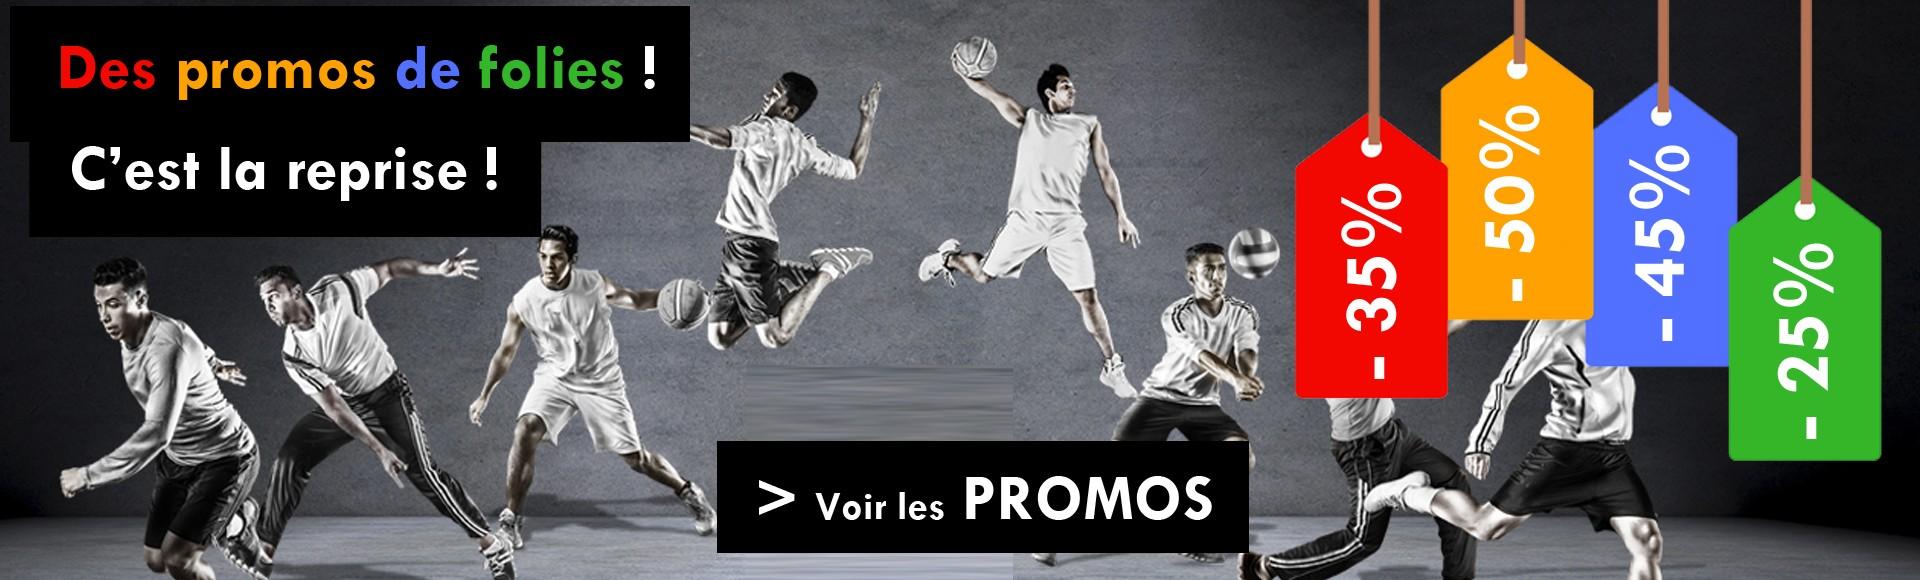 Promo reprise equipement sportif personnalisable